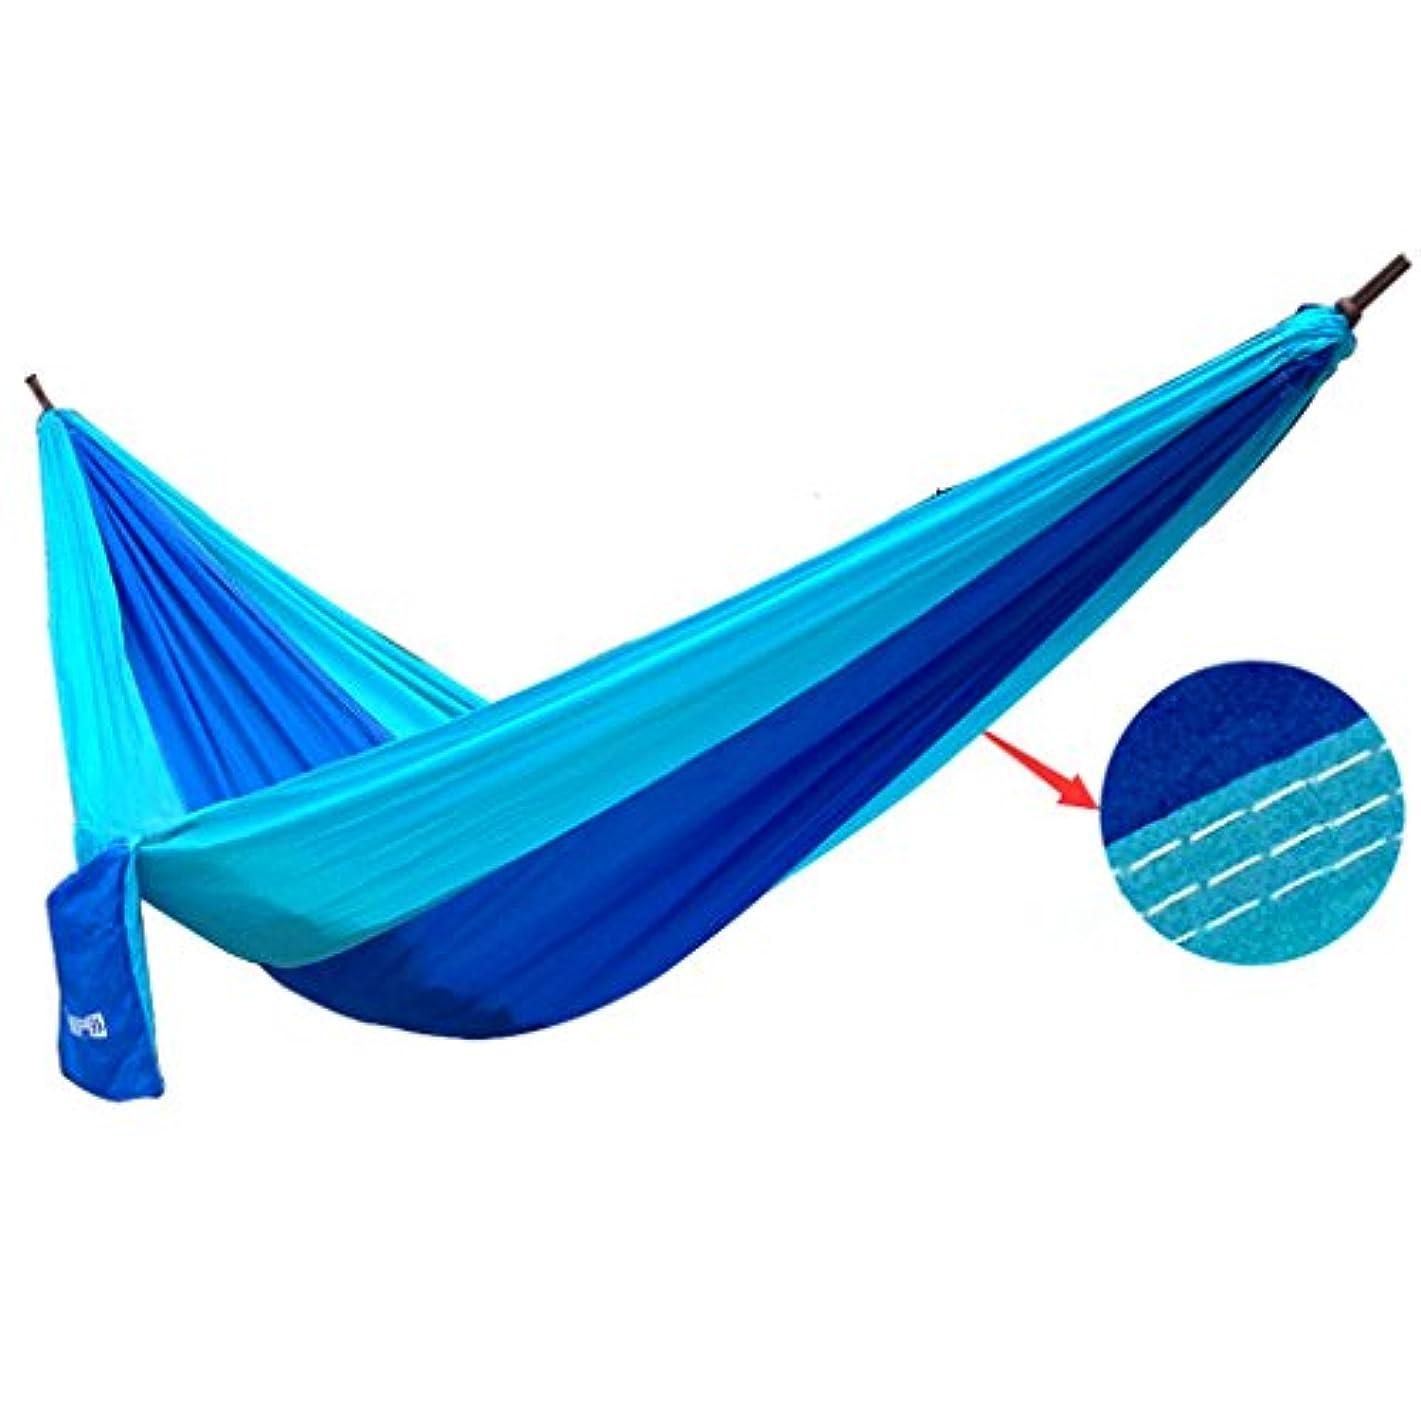 に勝る遊び場塩RMJAI 二重キャンプのハンモックの軽量の携帯用ハンモックのハイキングのための最もよいパラシュートの二重ハンモック旅行浜の庭290x170cm(114x67in)